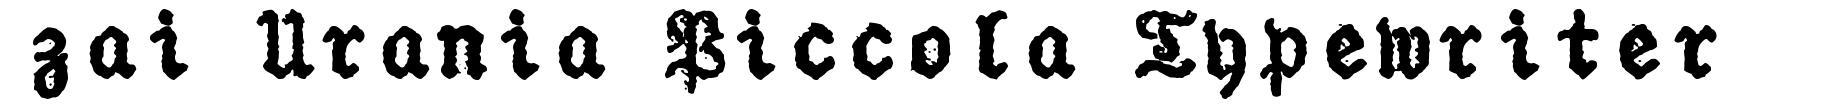 zai Urania Piccola Typewriter フォント